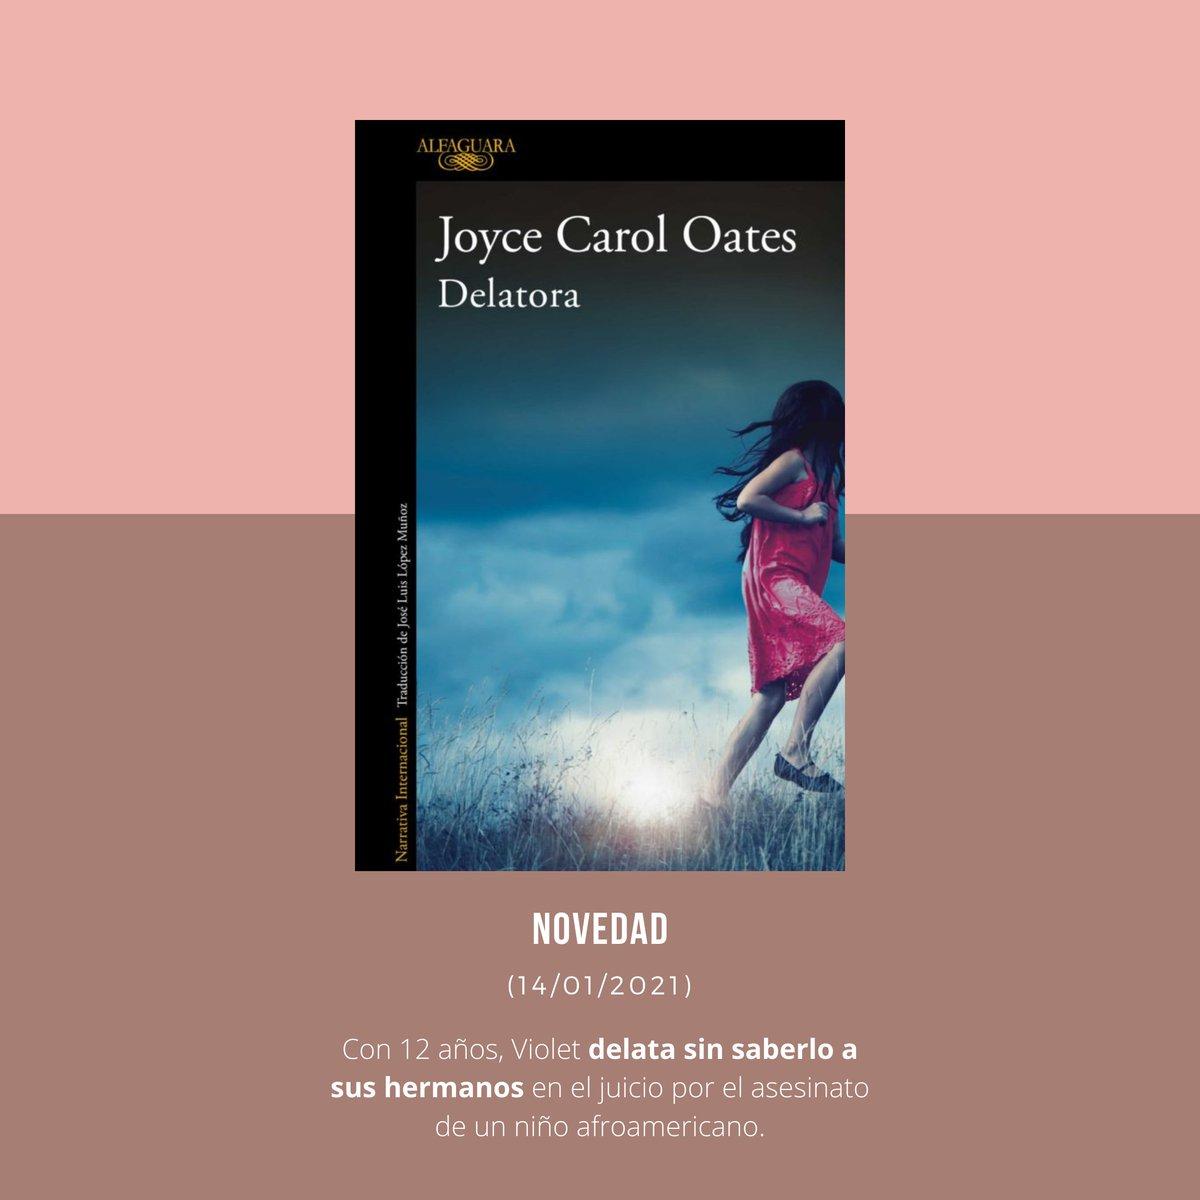 """#NovedadesLiterarias 🆕  Joyce Carol Oates presenta """"Delatora"""" e Ibon Martín sorprende a sus lectores con """"La hora de las gaviotas"""", ambientada en la costa vasca.  Tampoco os podéis perder la nueva novela de Anne Tyler, ni la de J.P. Delaney, autor de """"La chica de antes"""". https://t.co/Z09Zzjjkk1"""